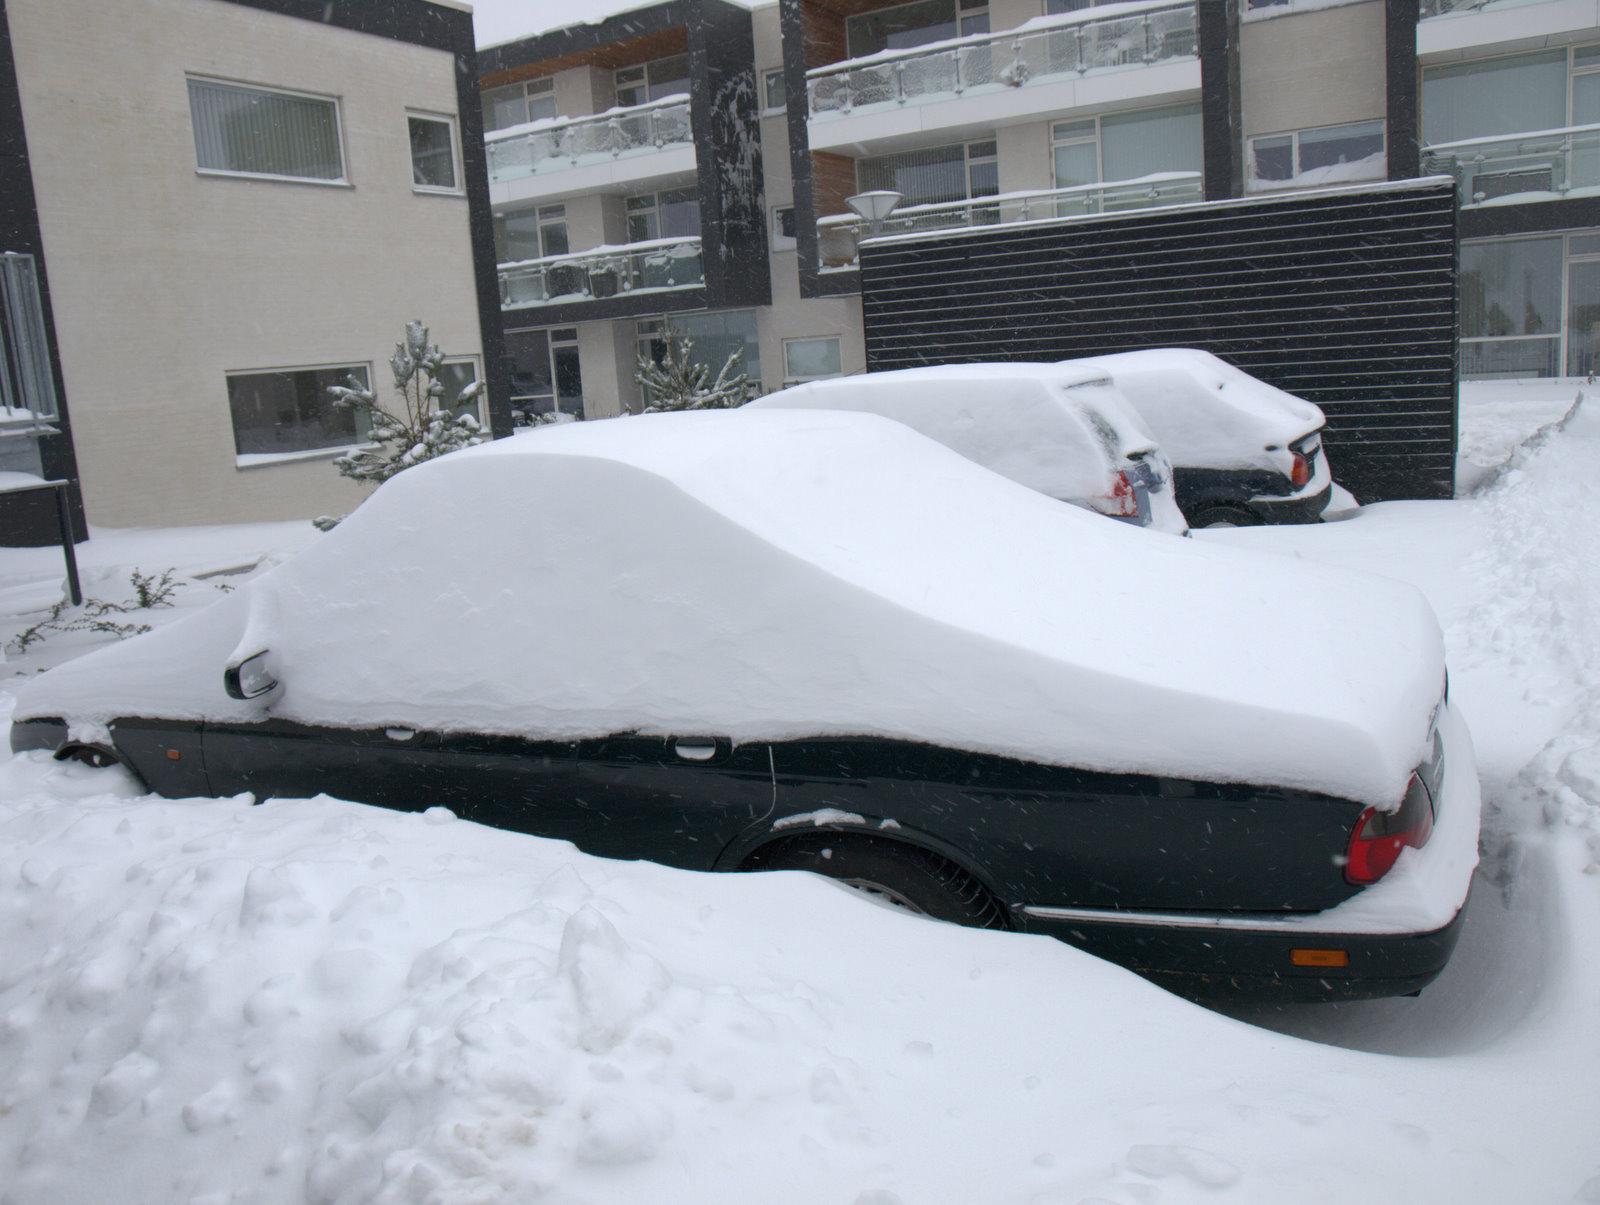 Jo der er en bil under al sneen.